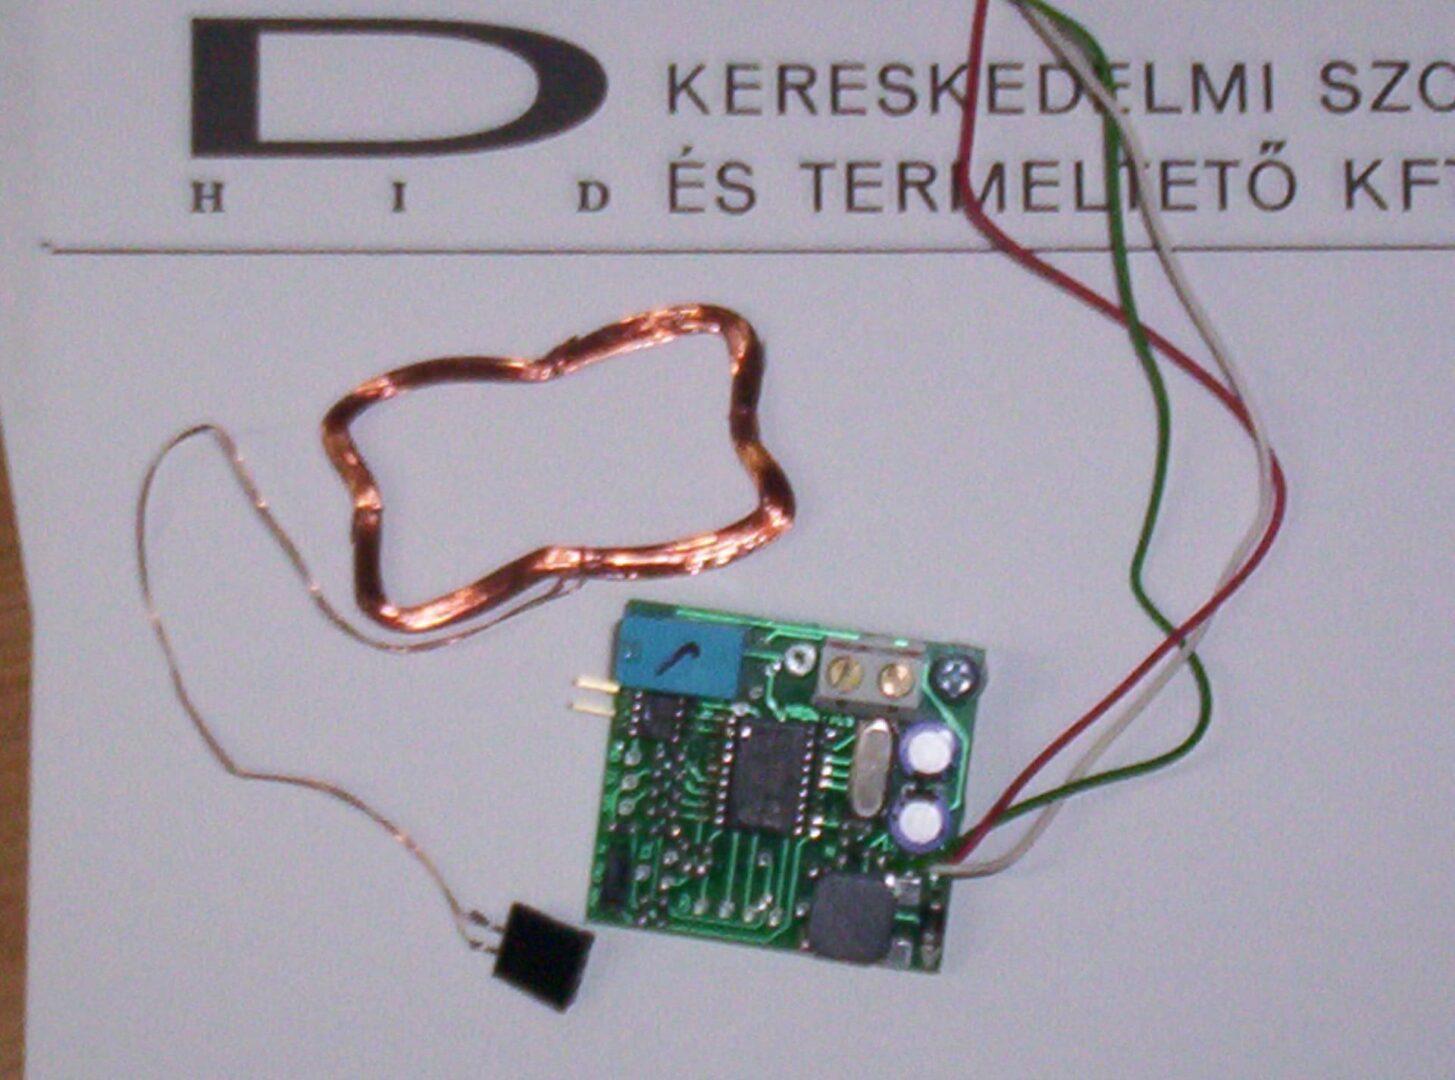 D-HID - Sector beléptető KDC-1803-ba szerelhető kártyaolvasó